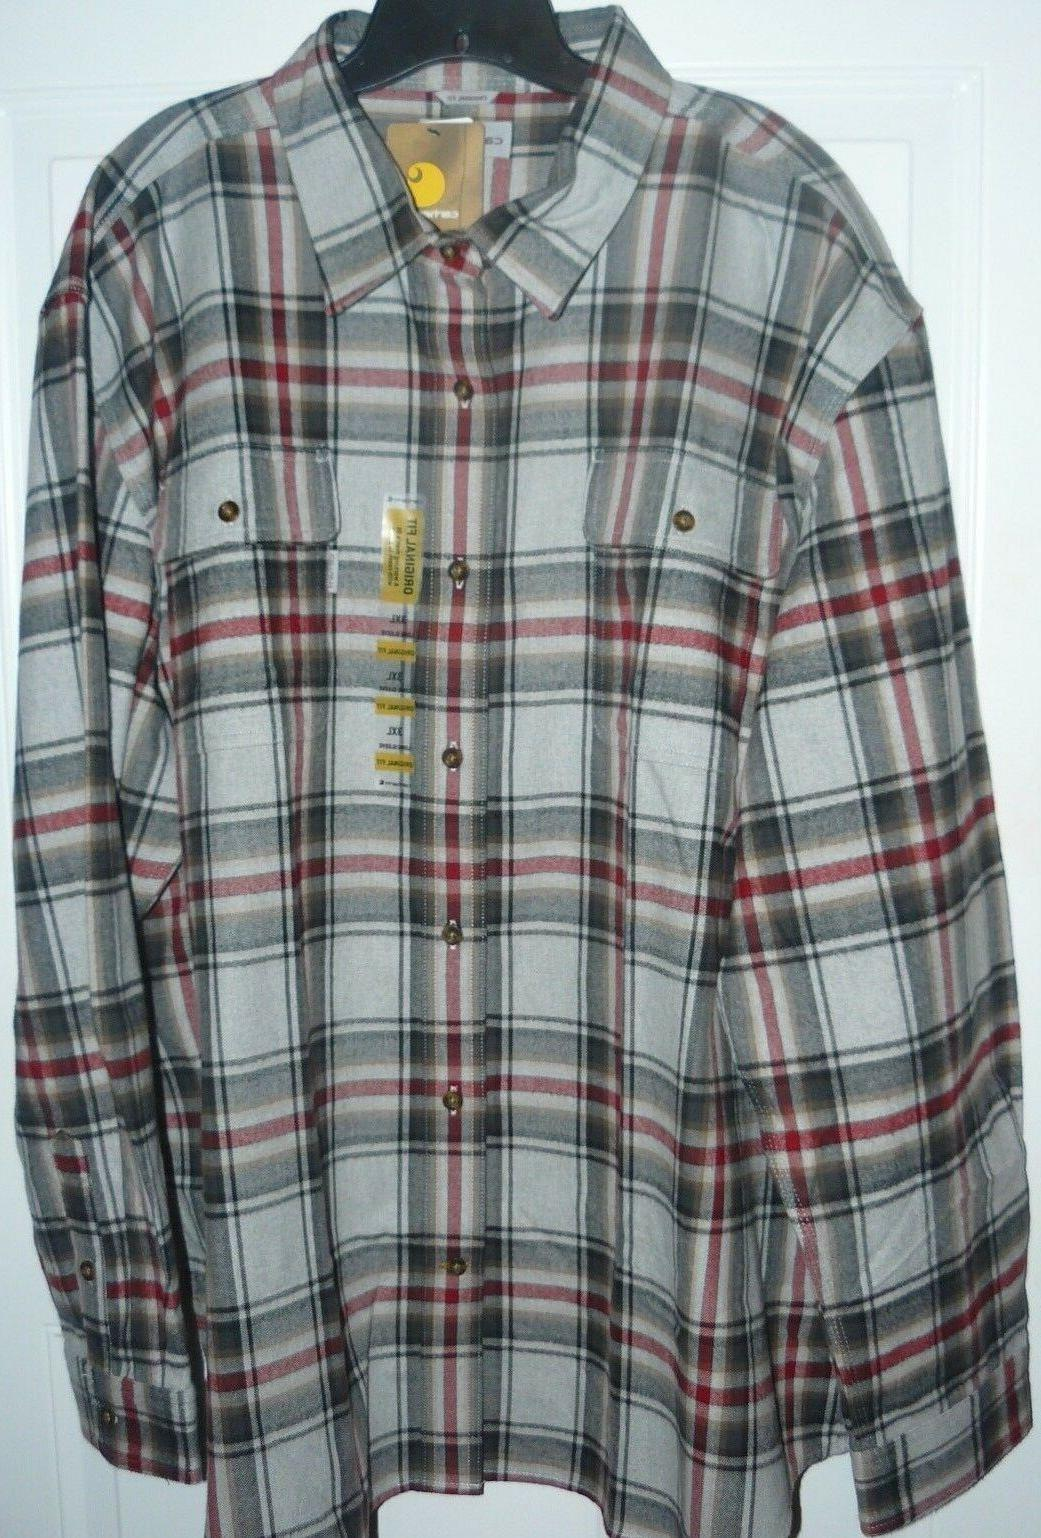 NEW Men's 4XL Carhartt Hubbard Plaid Shirt Flannel  4X